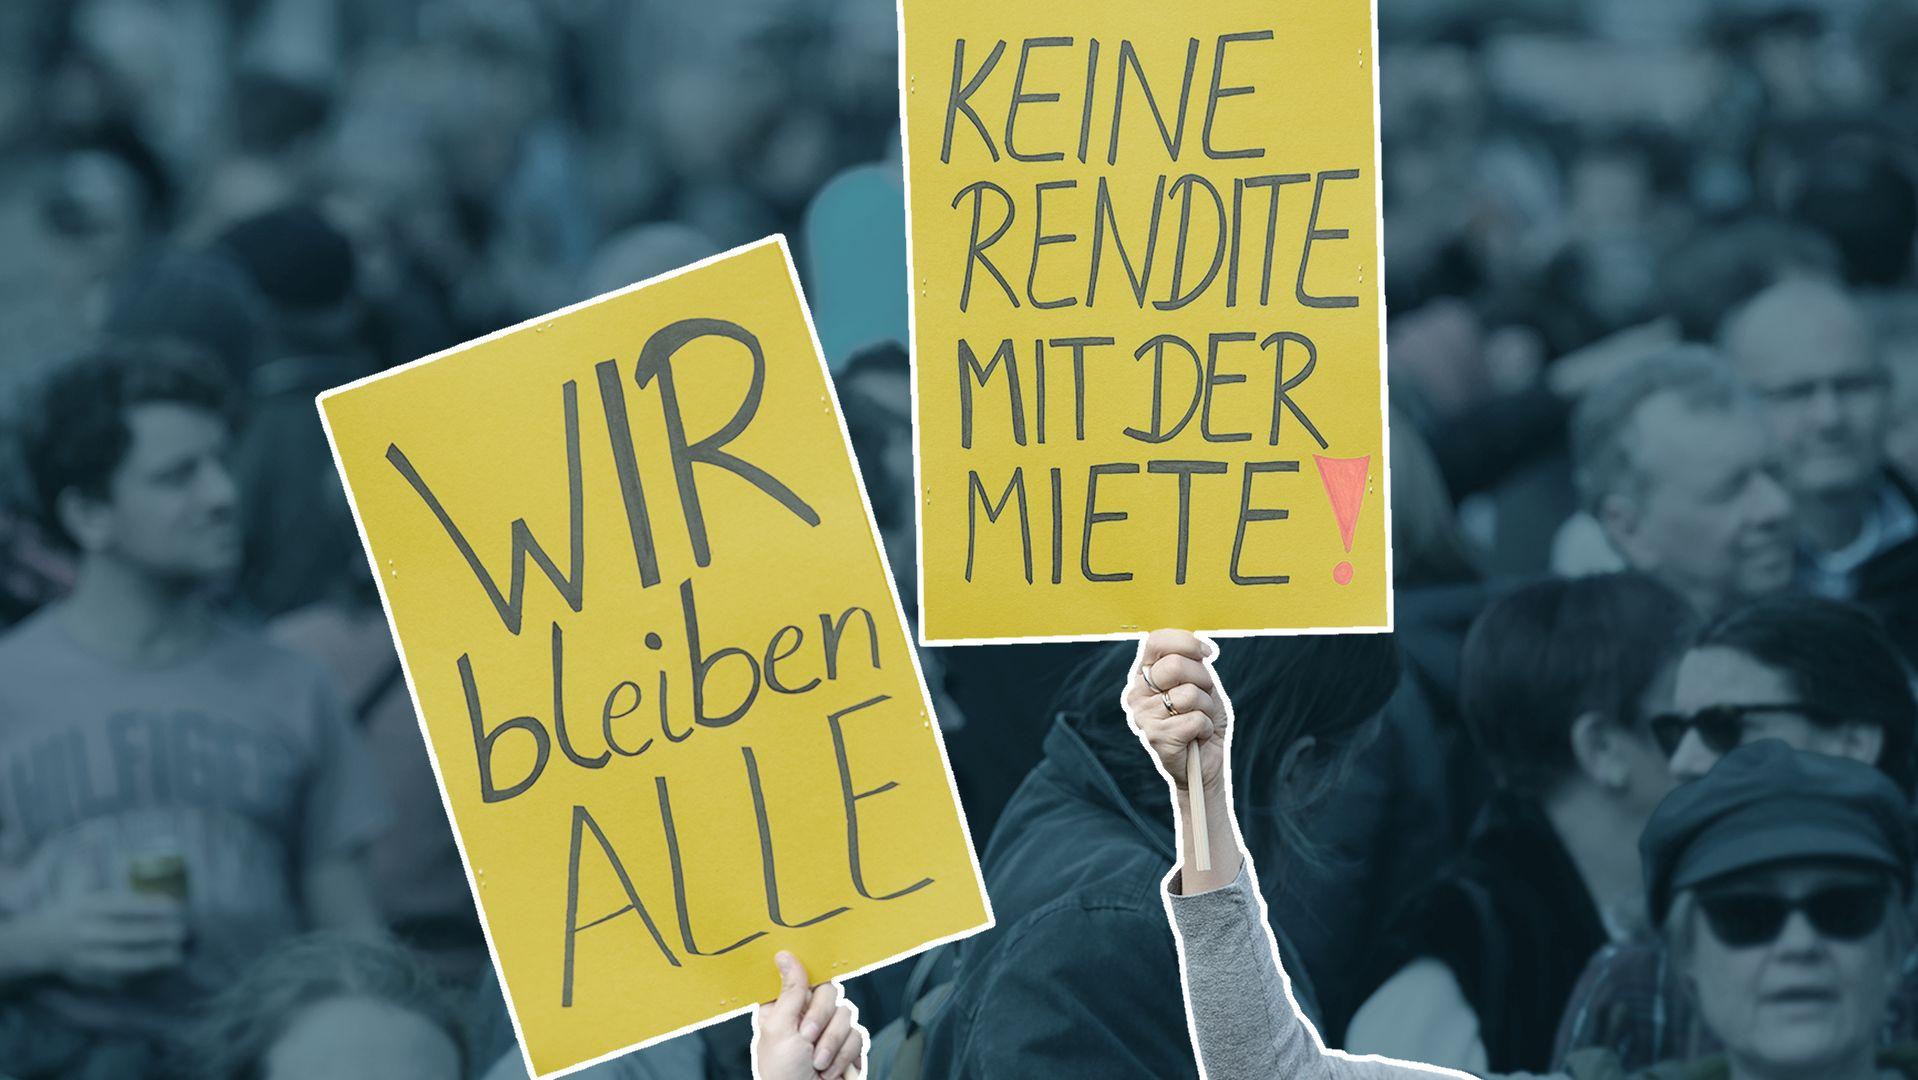 """Demonstranten mit zwei Plakaten, """"Wir bleiben alle"""" und """"Keine Rendite mit der Miete"""""""